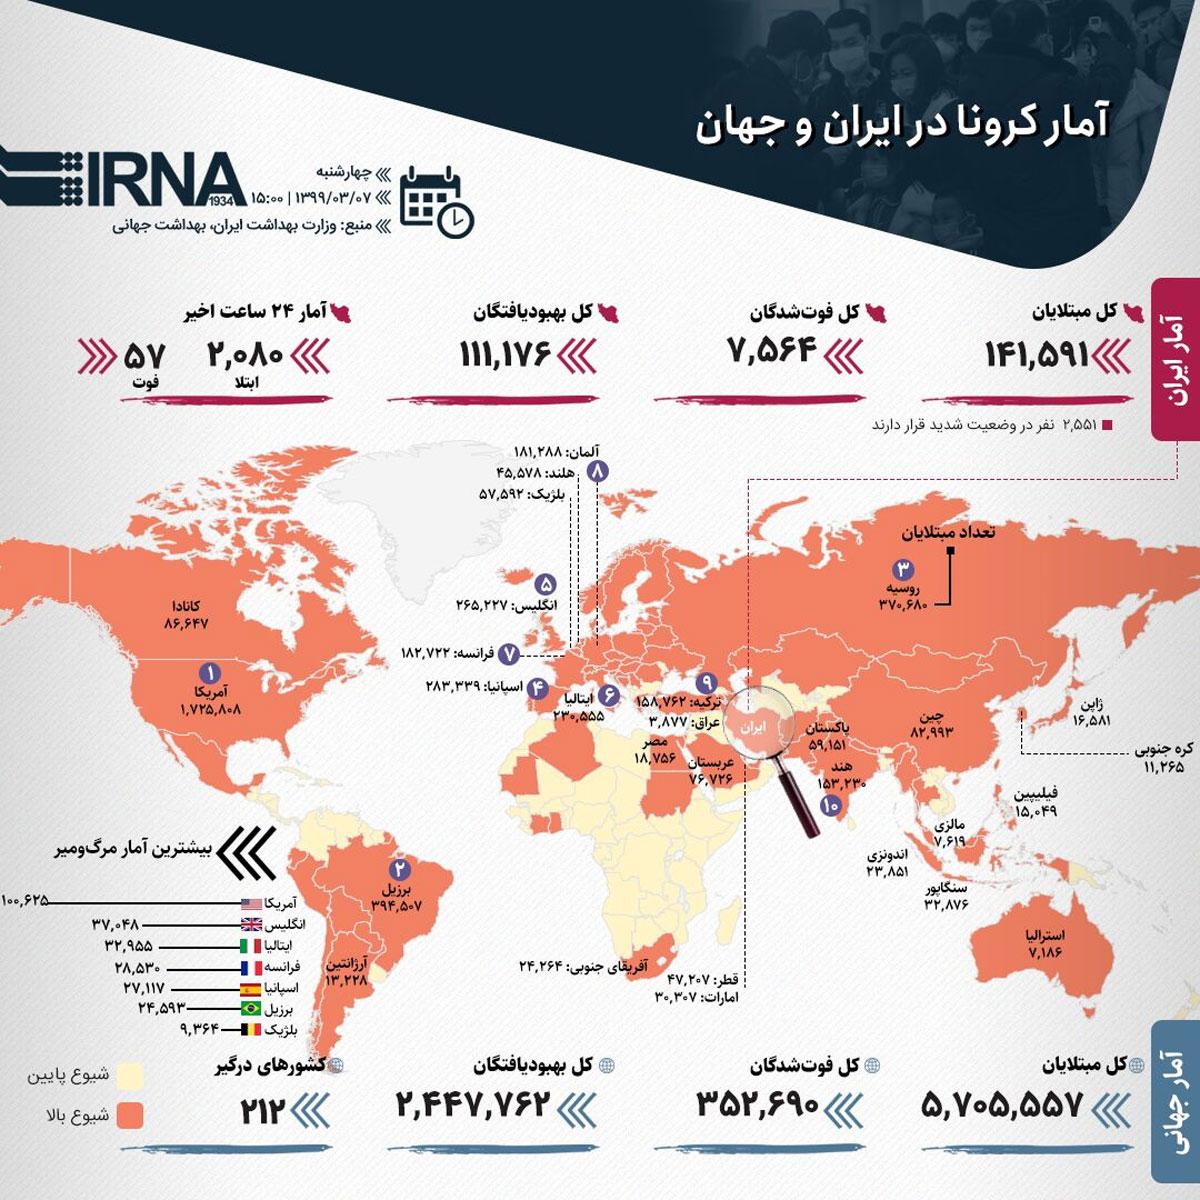 آمار کرونا در ایران و جهان (۱۳۹۹/۰۳/۰۷)